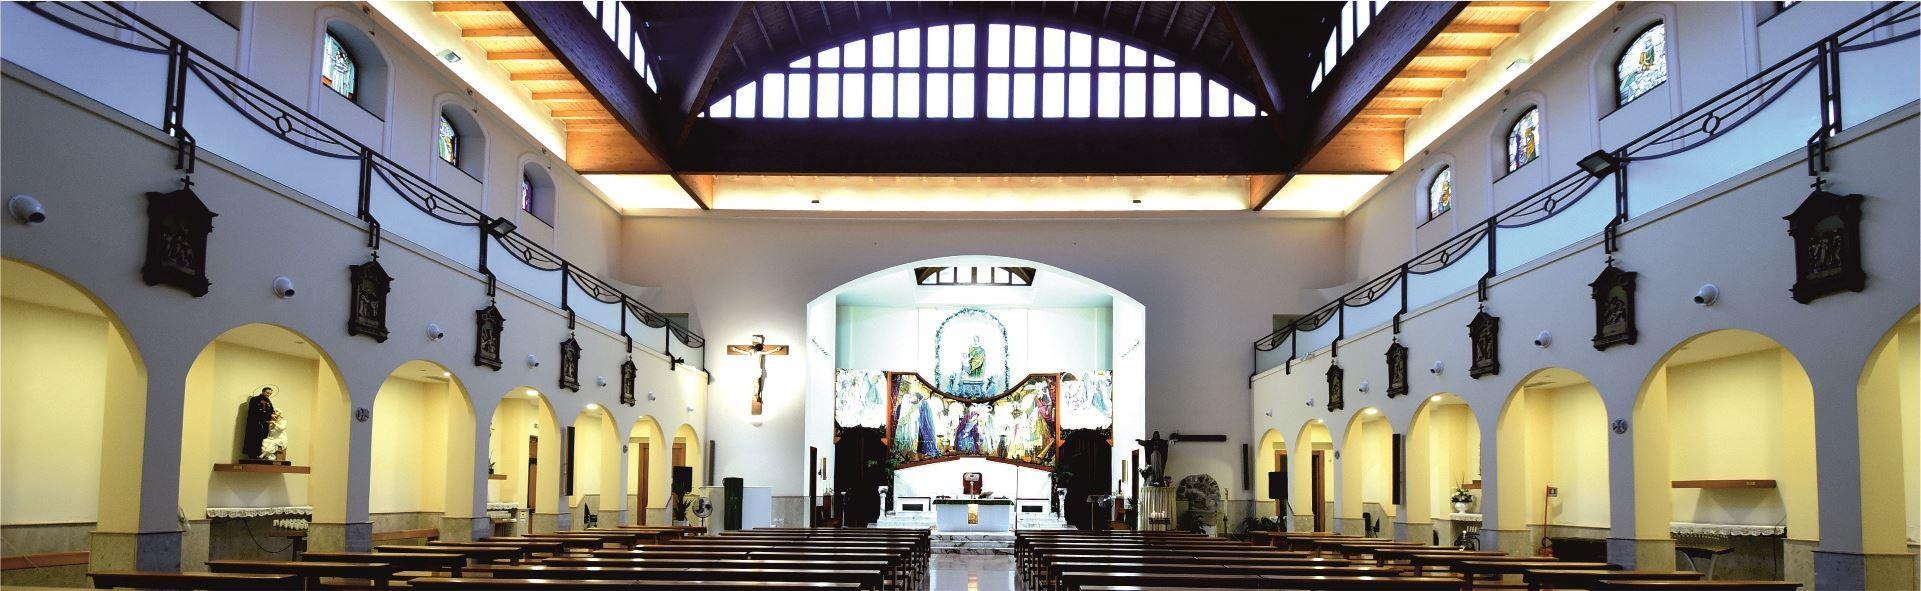 Santuario Diocesano di Sant'Anna - Caserta